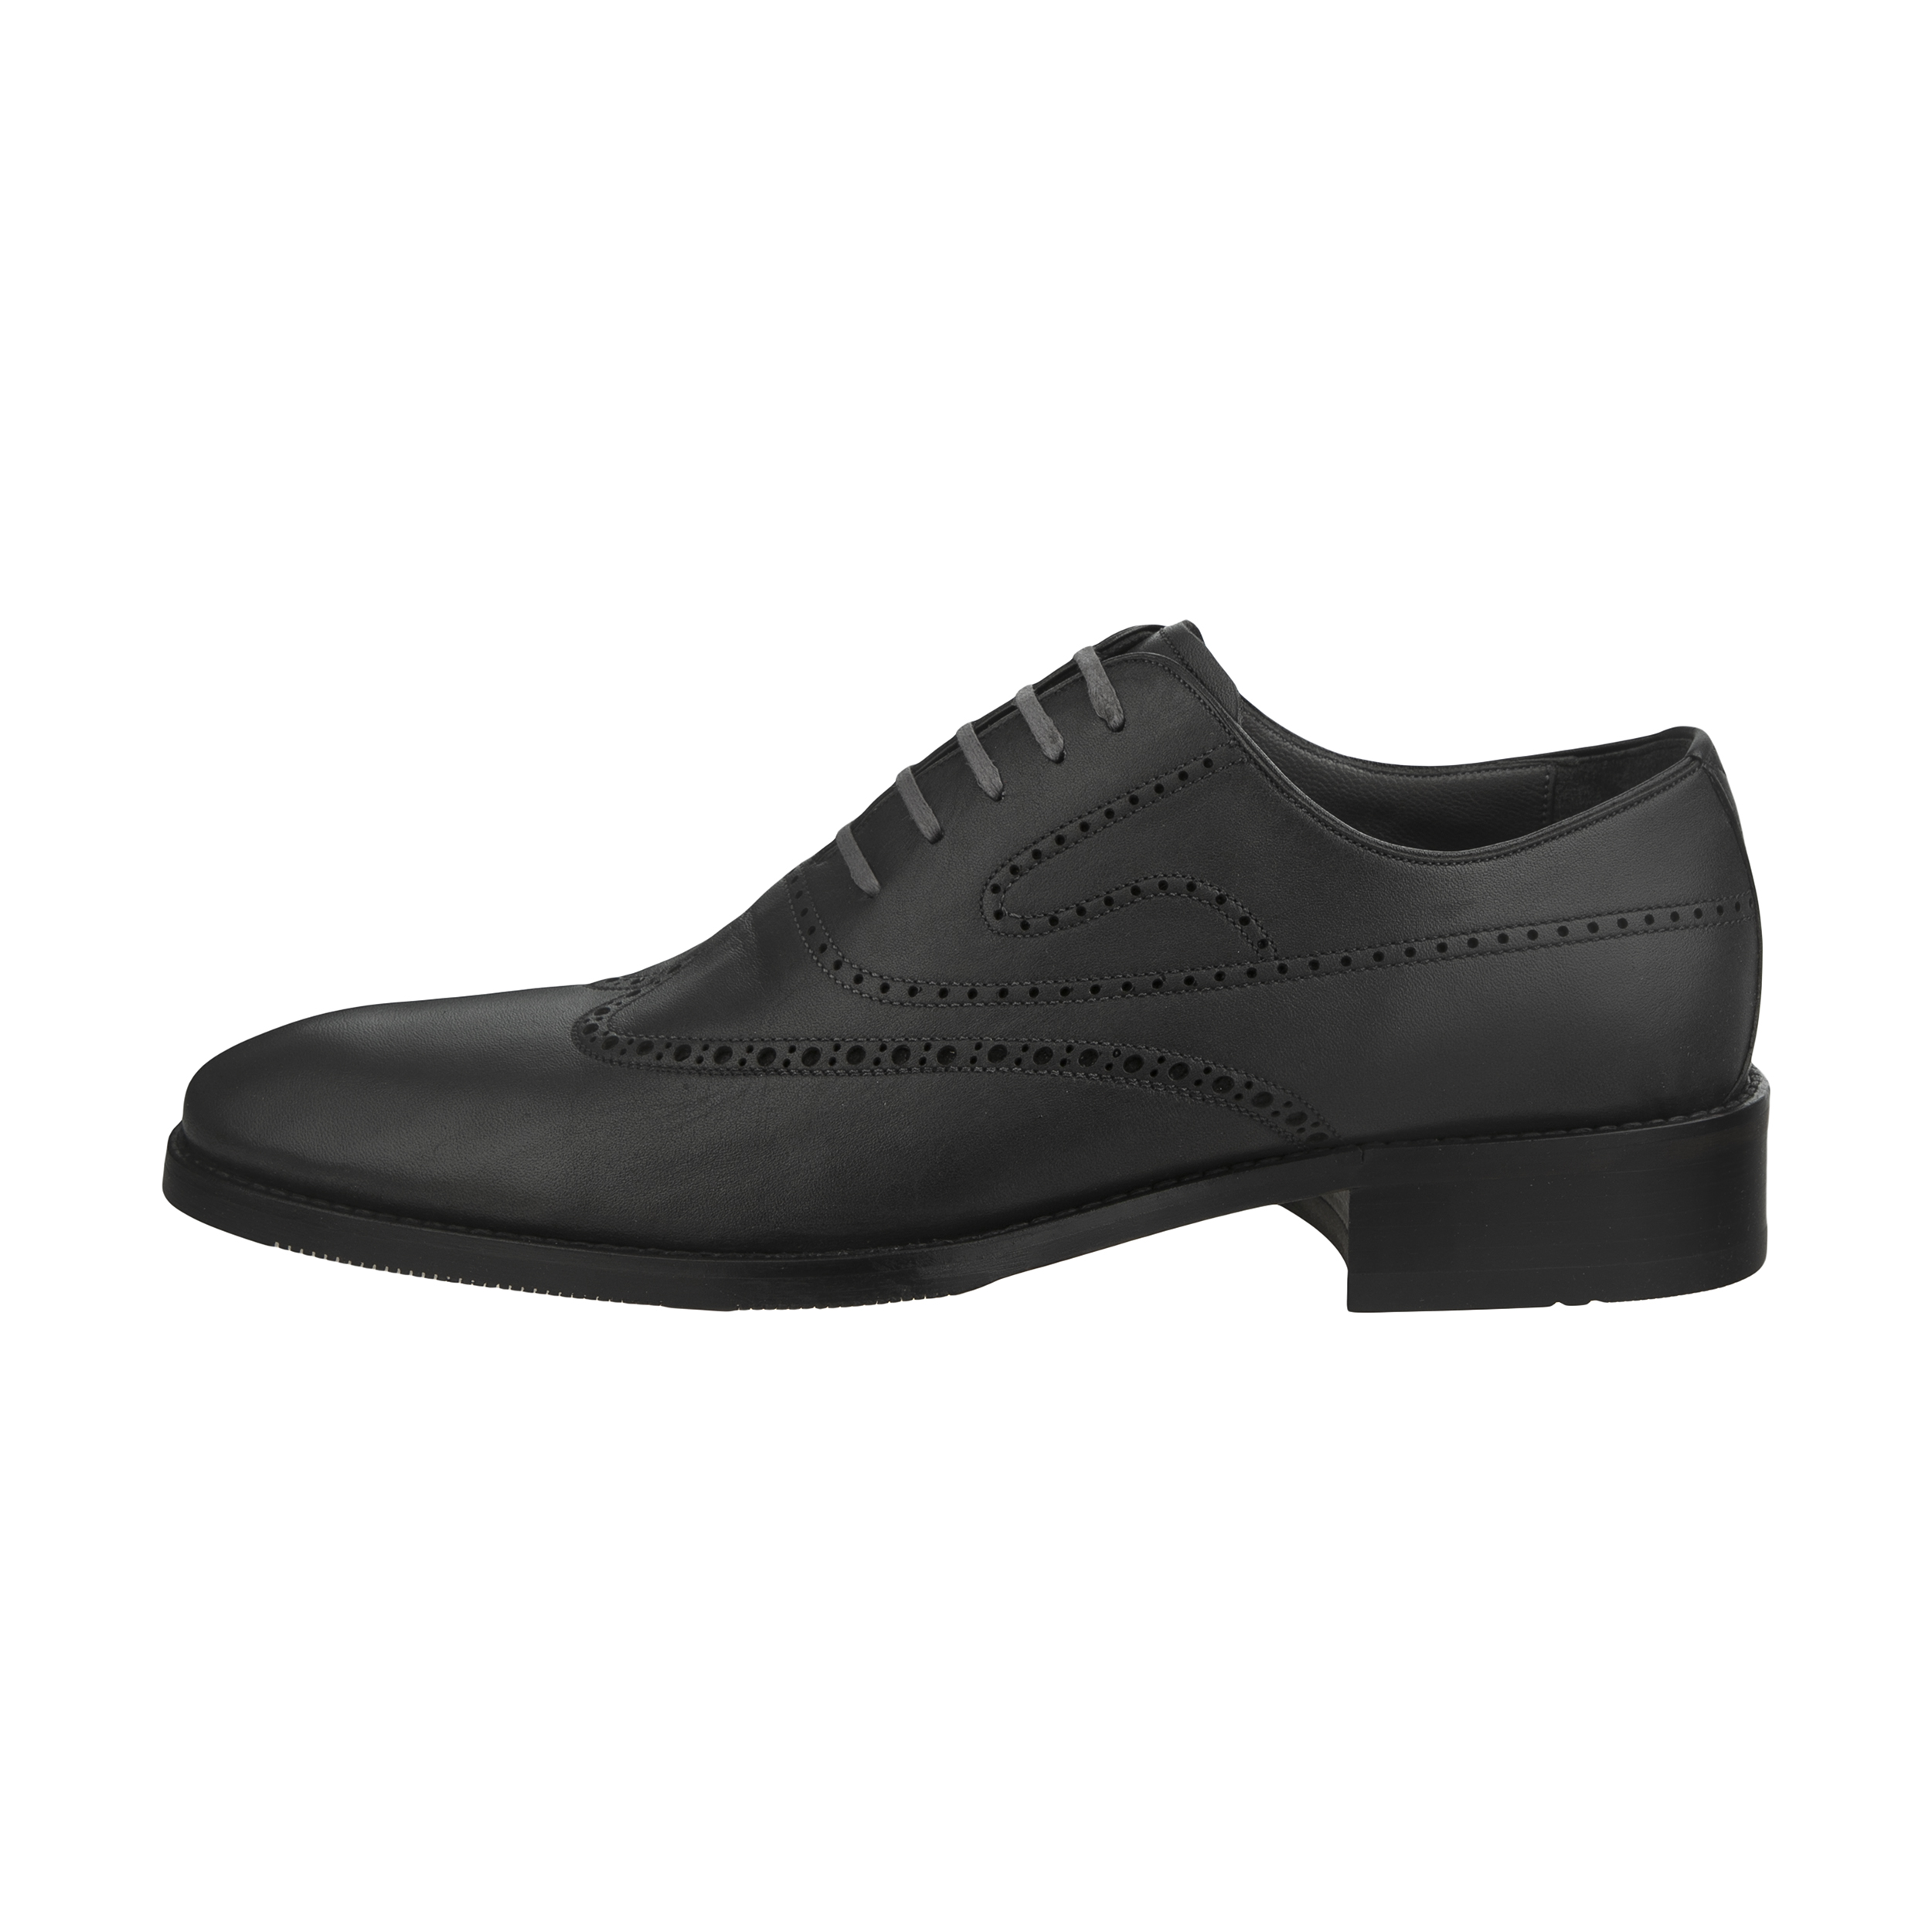 کفش مردانه تد مدل M10             , خرید اینترنتی